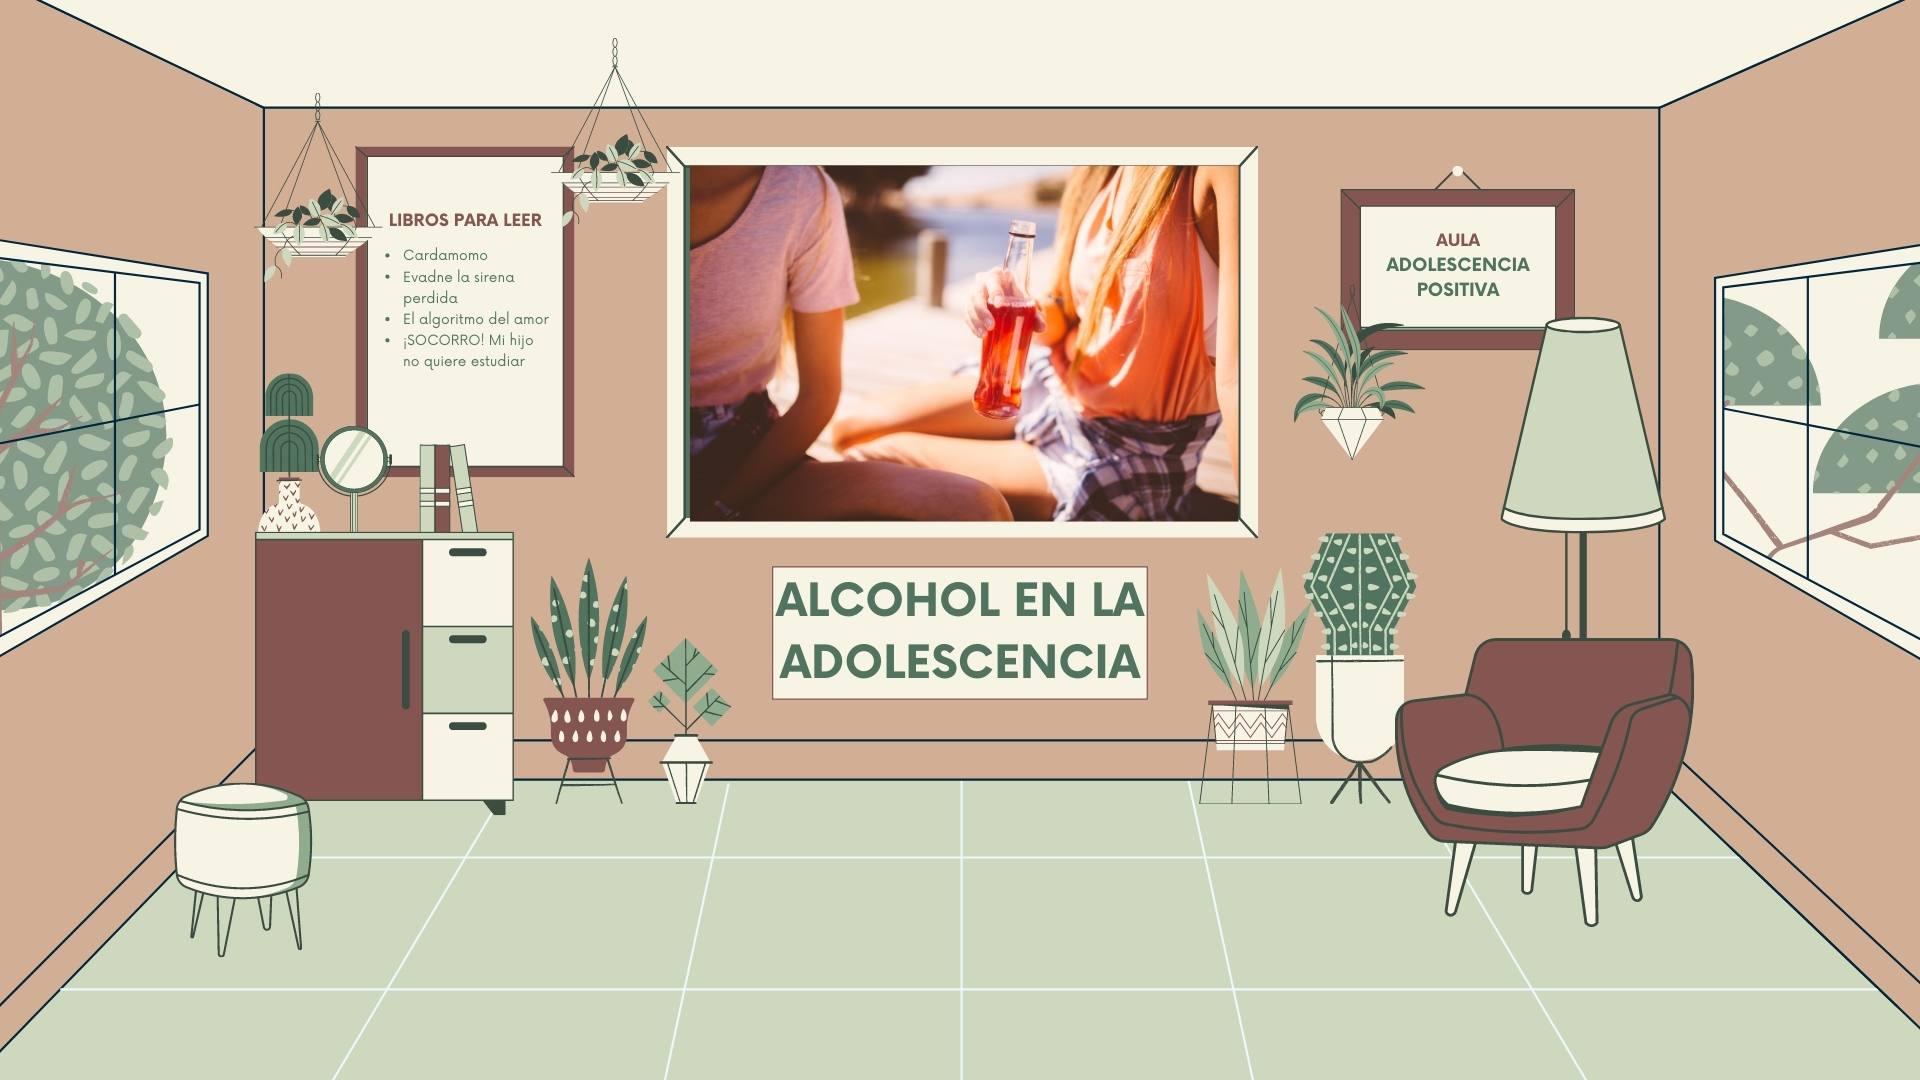 Alcohol en la adolescencia